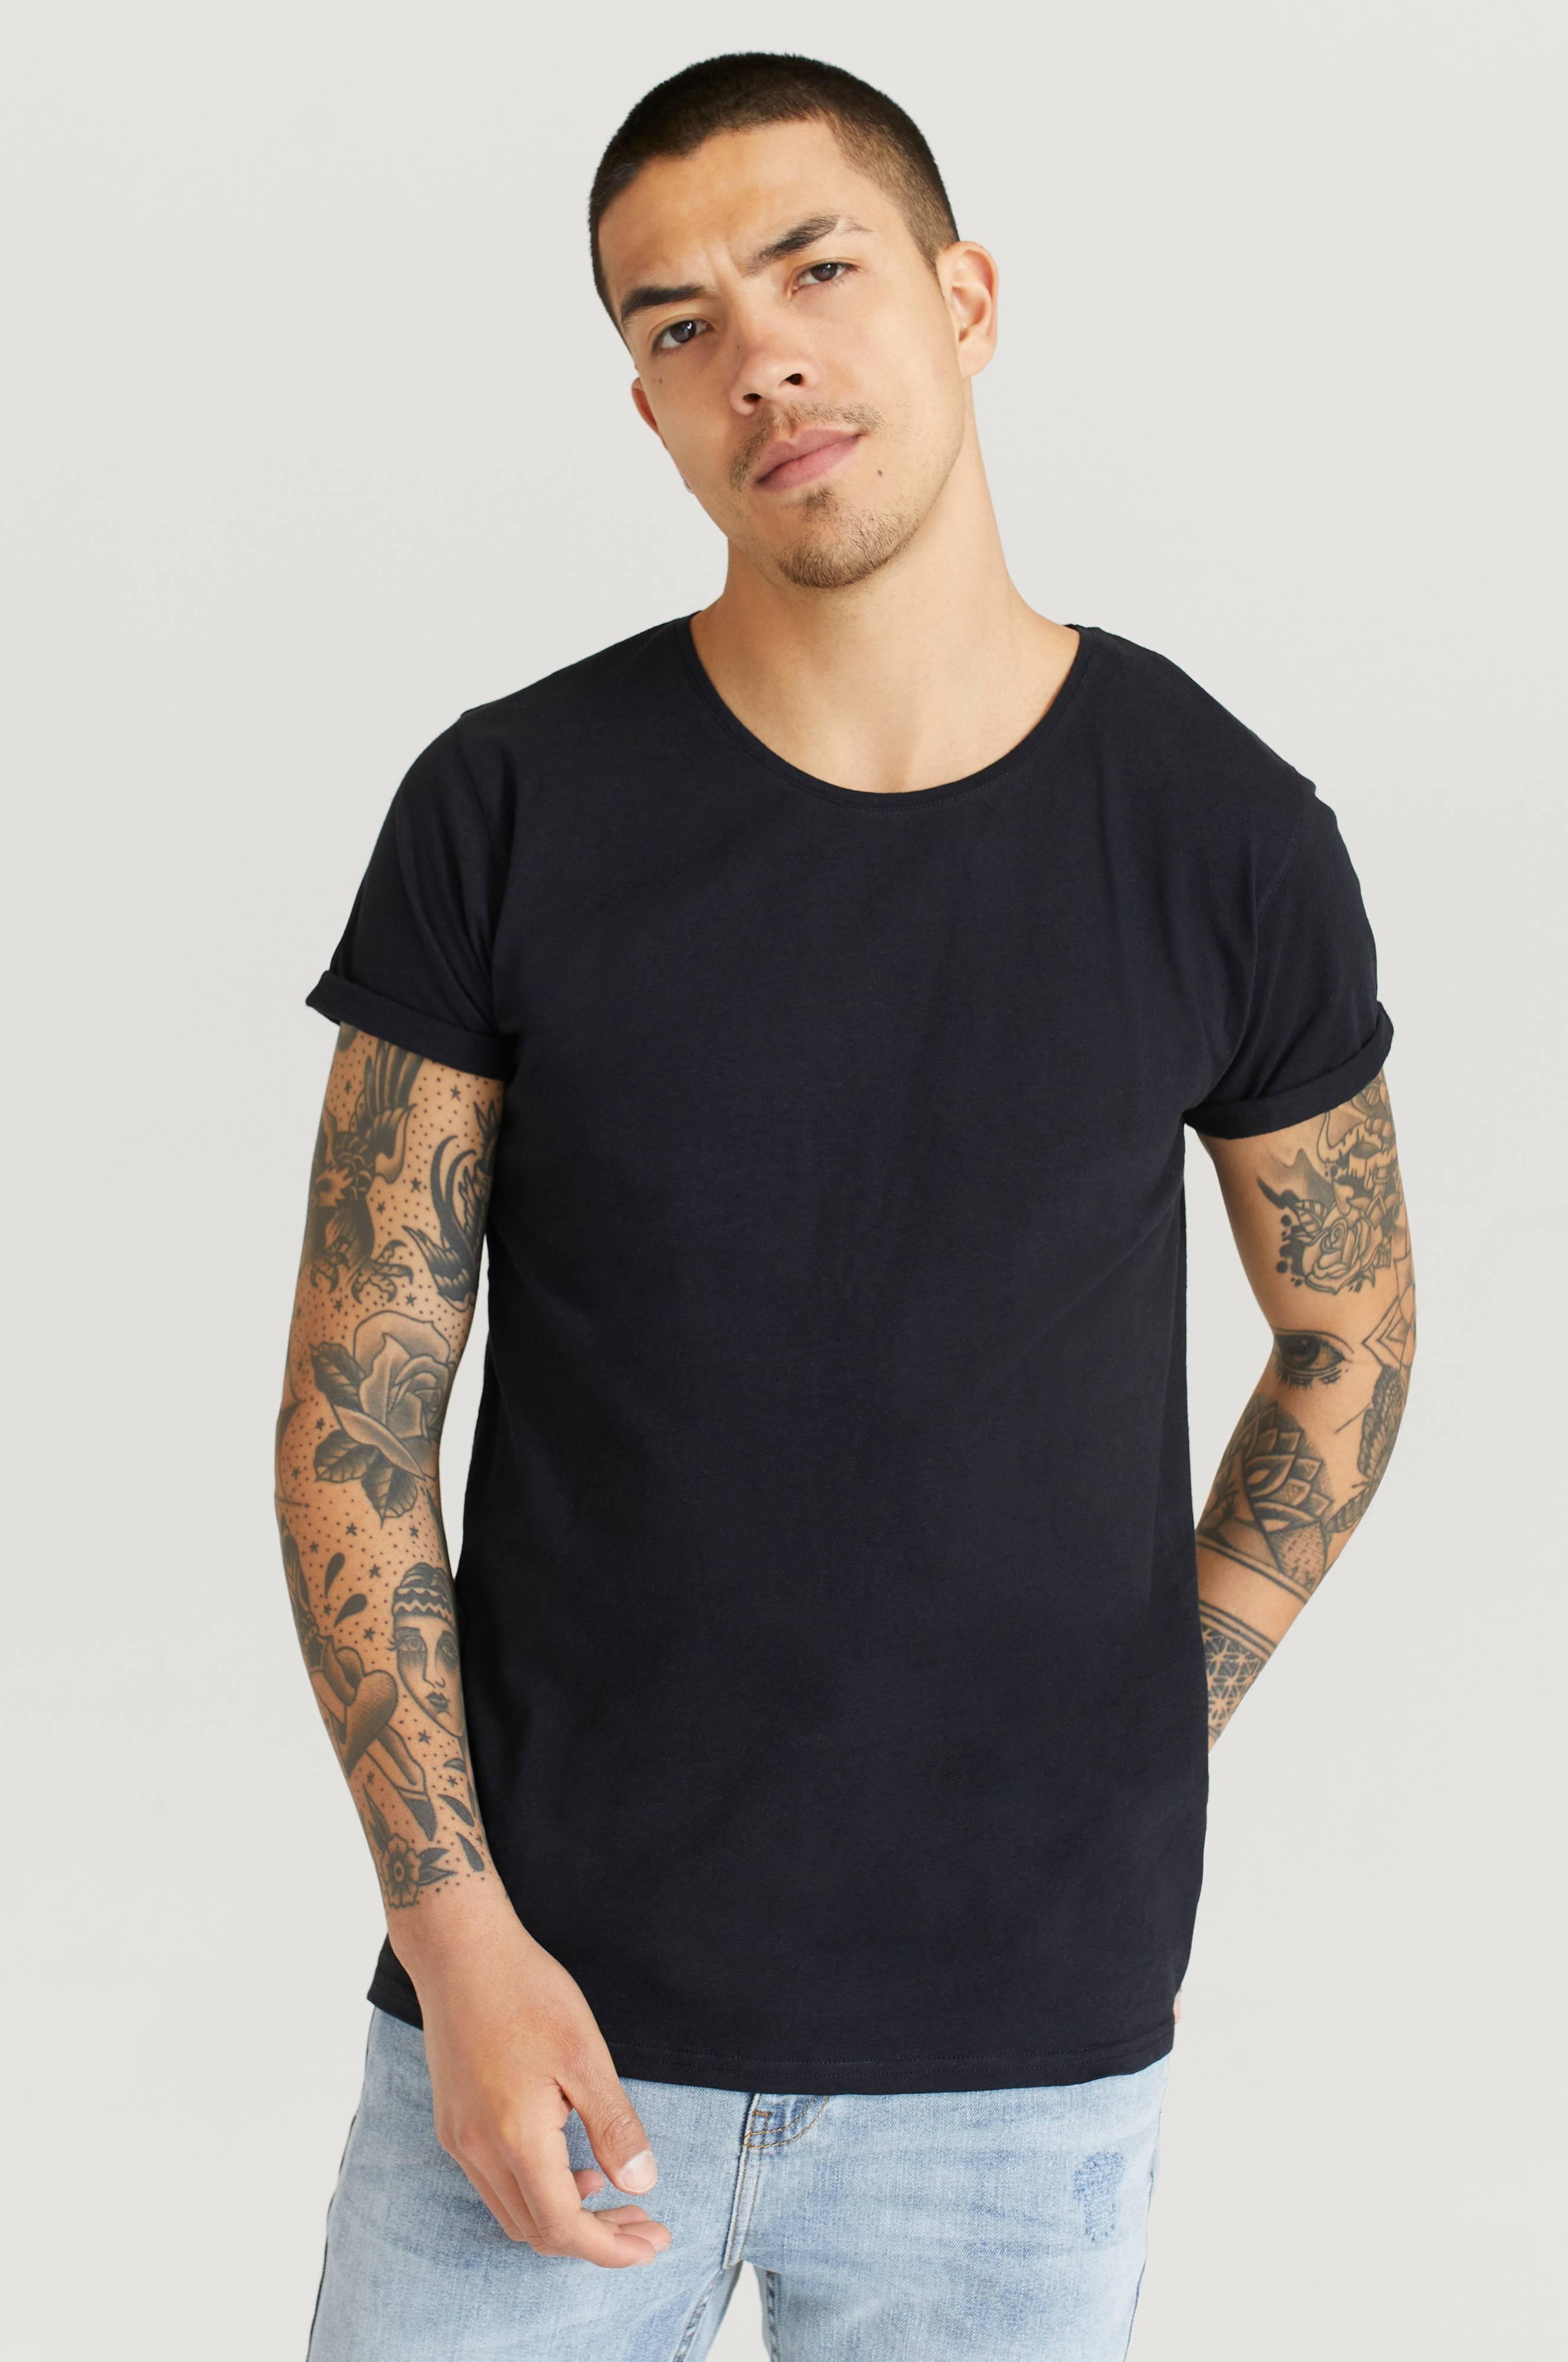 Resteröds T-shirt Jimmy Solid Cotton-linen Svart